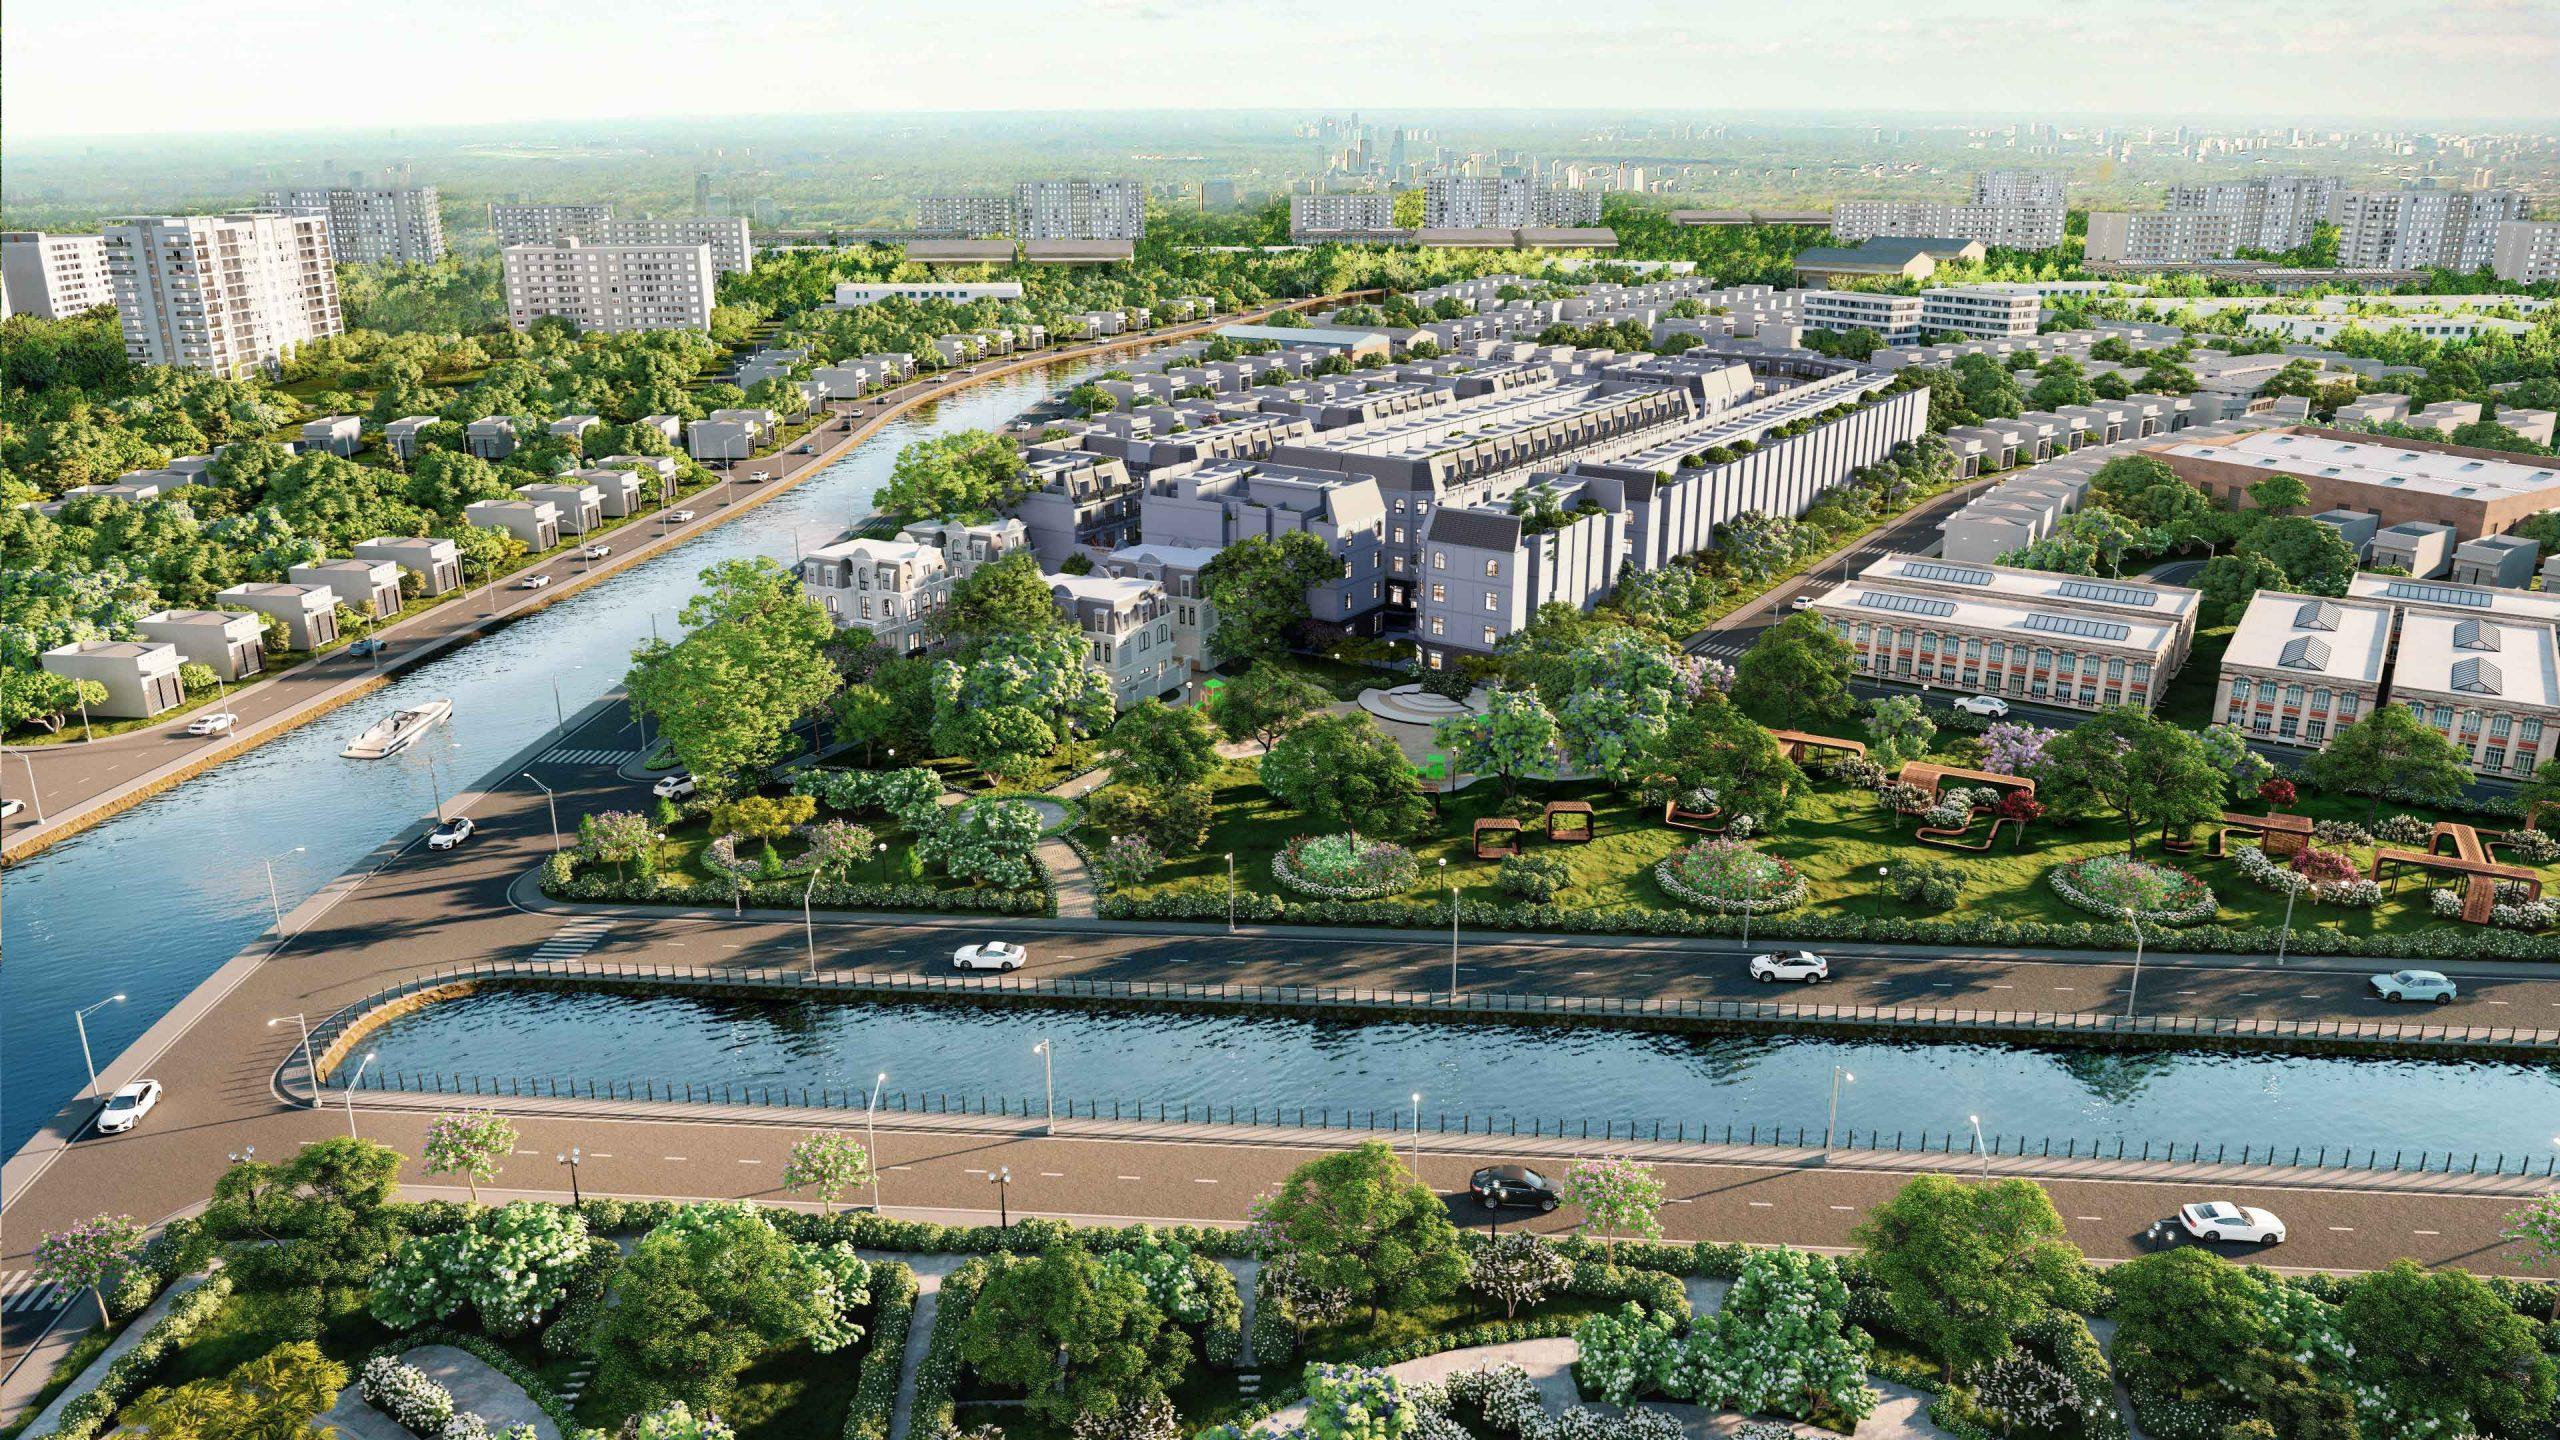 Đầu tư bền vững với One Palace 2 - Sàn Giao Dịch Bất Động Sản